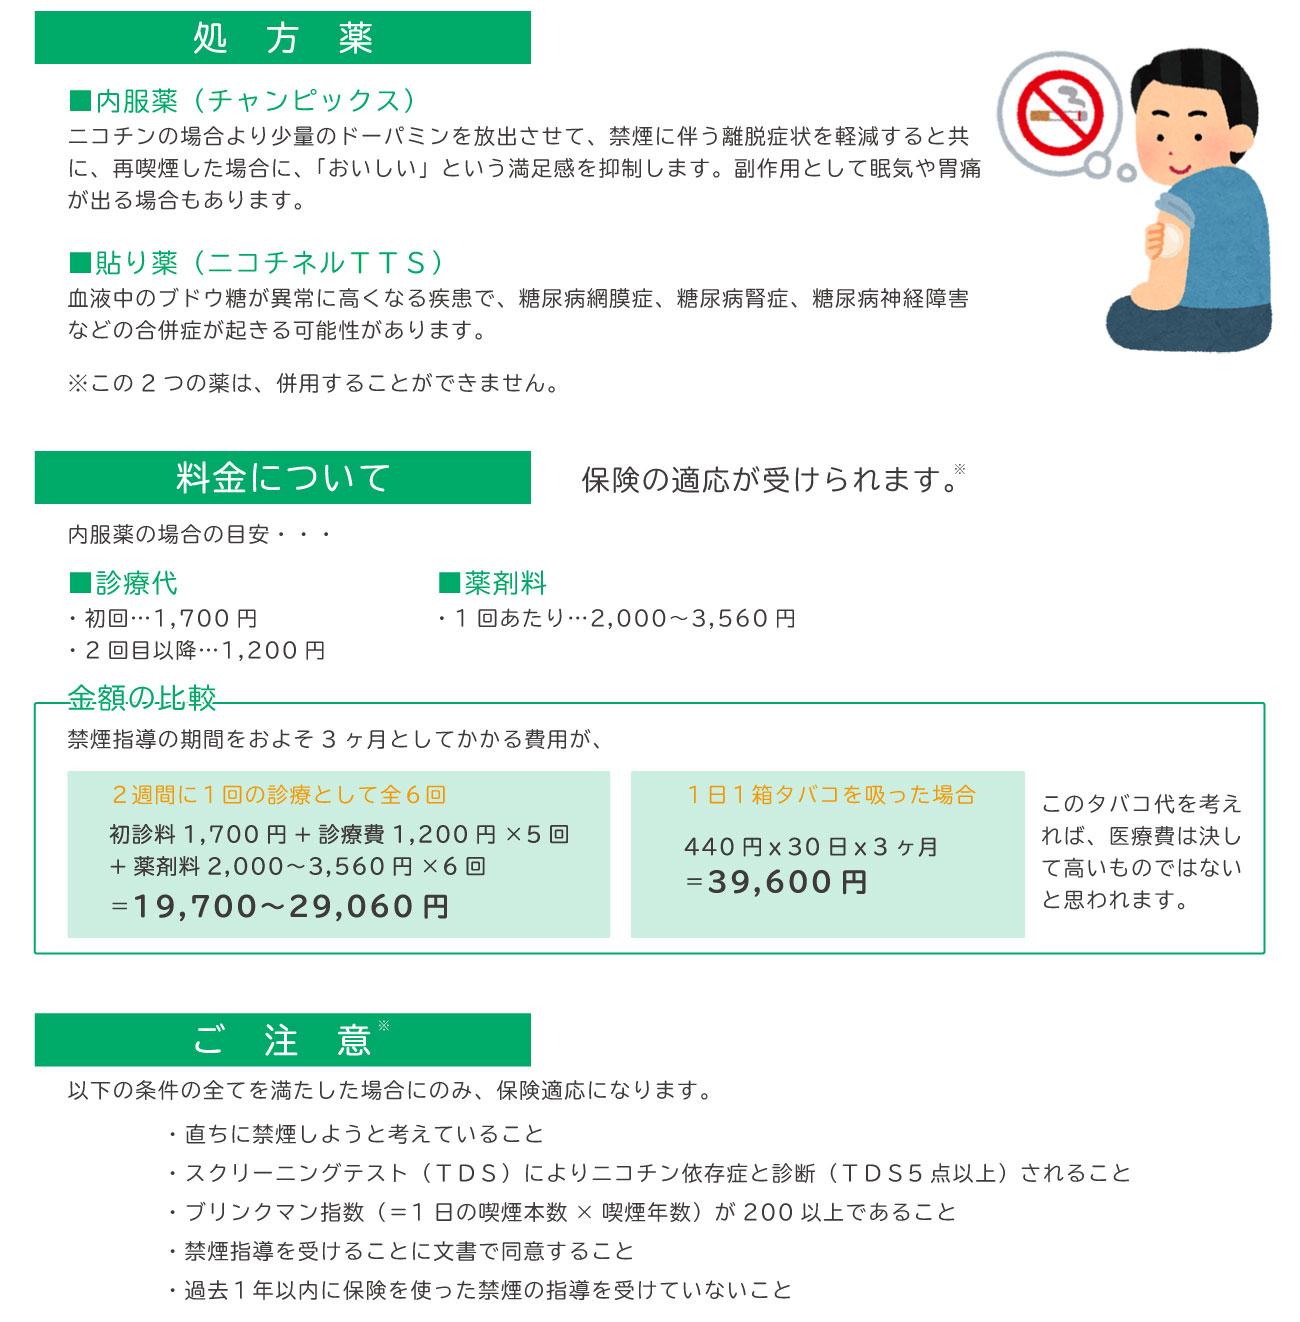 禁煙指導について